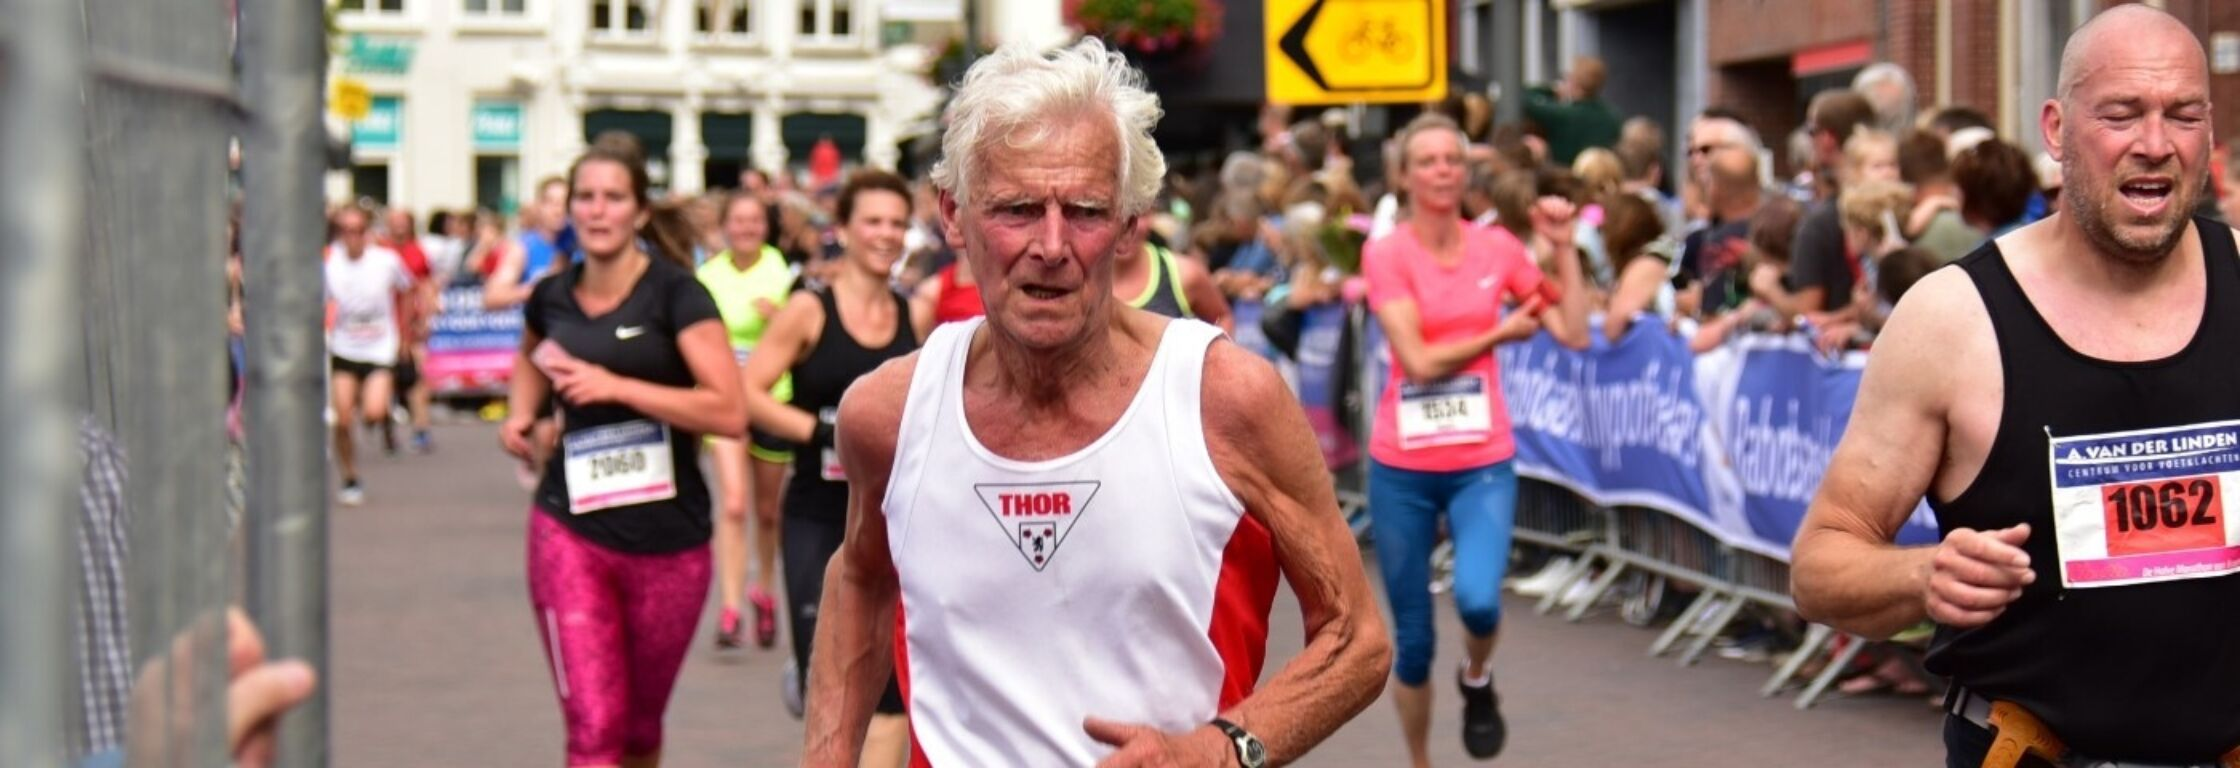 Wat is het geheim van de 79-jarige Gilles Bosman?